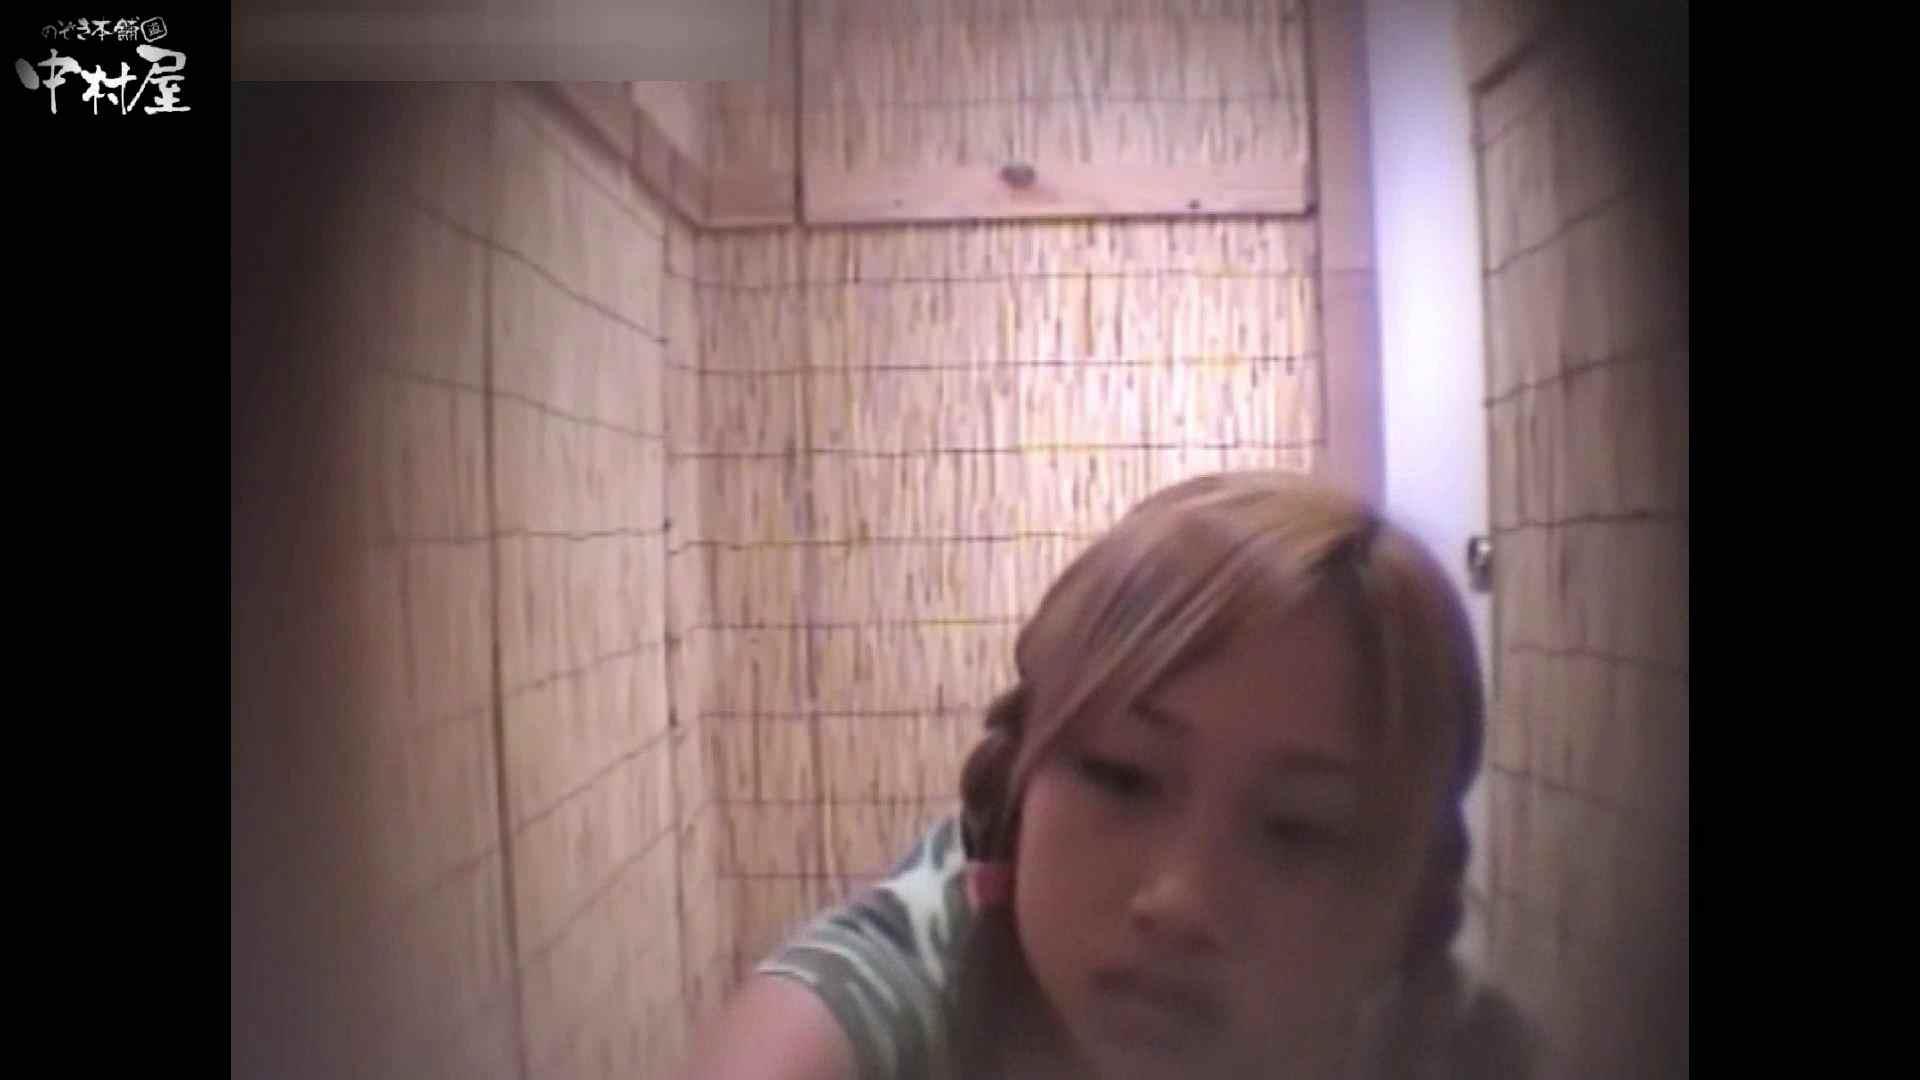 解禁!海の家4カメ洗面所vol.46 人気シリーズ  100PIX 27